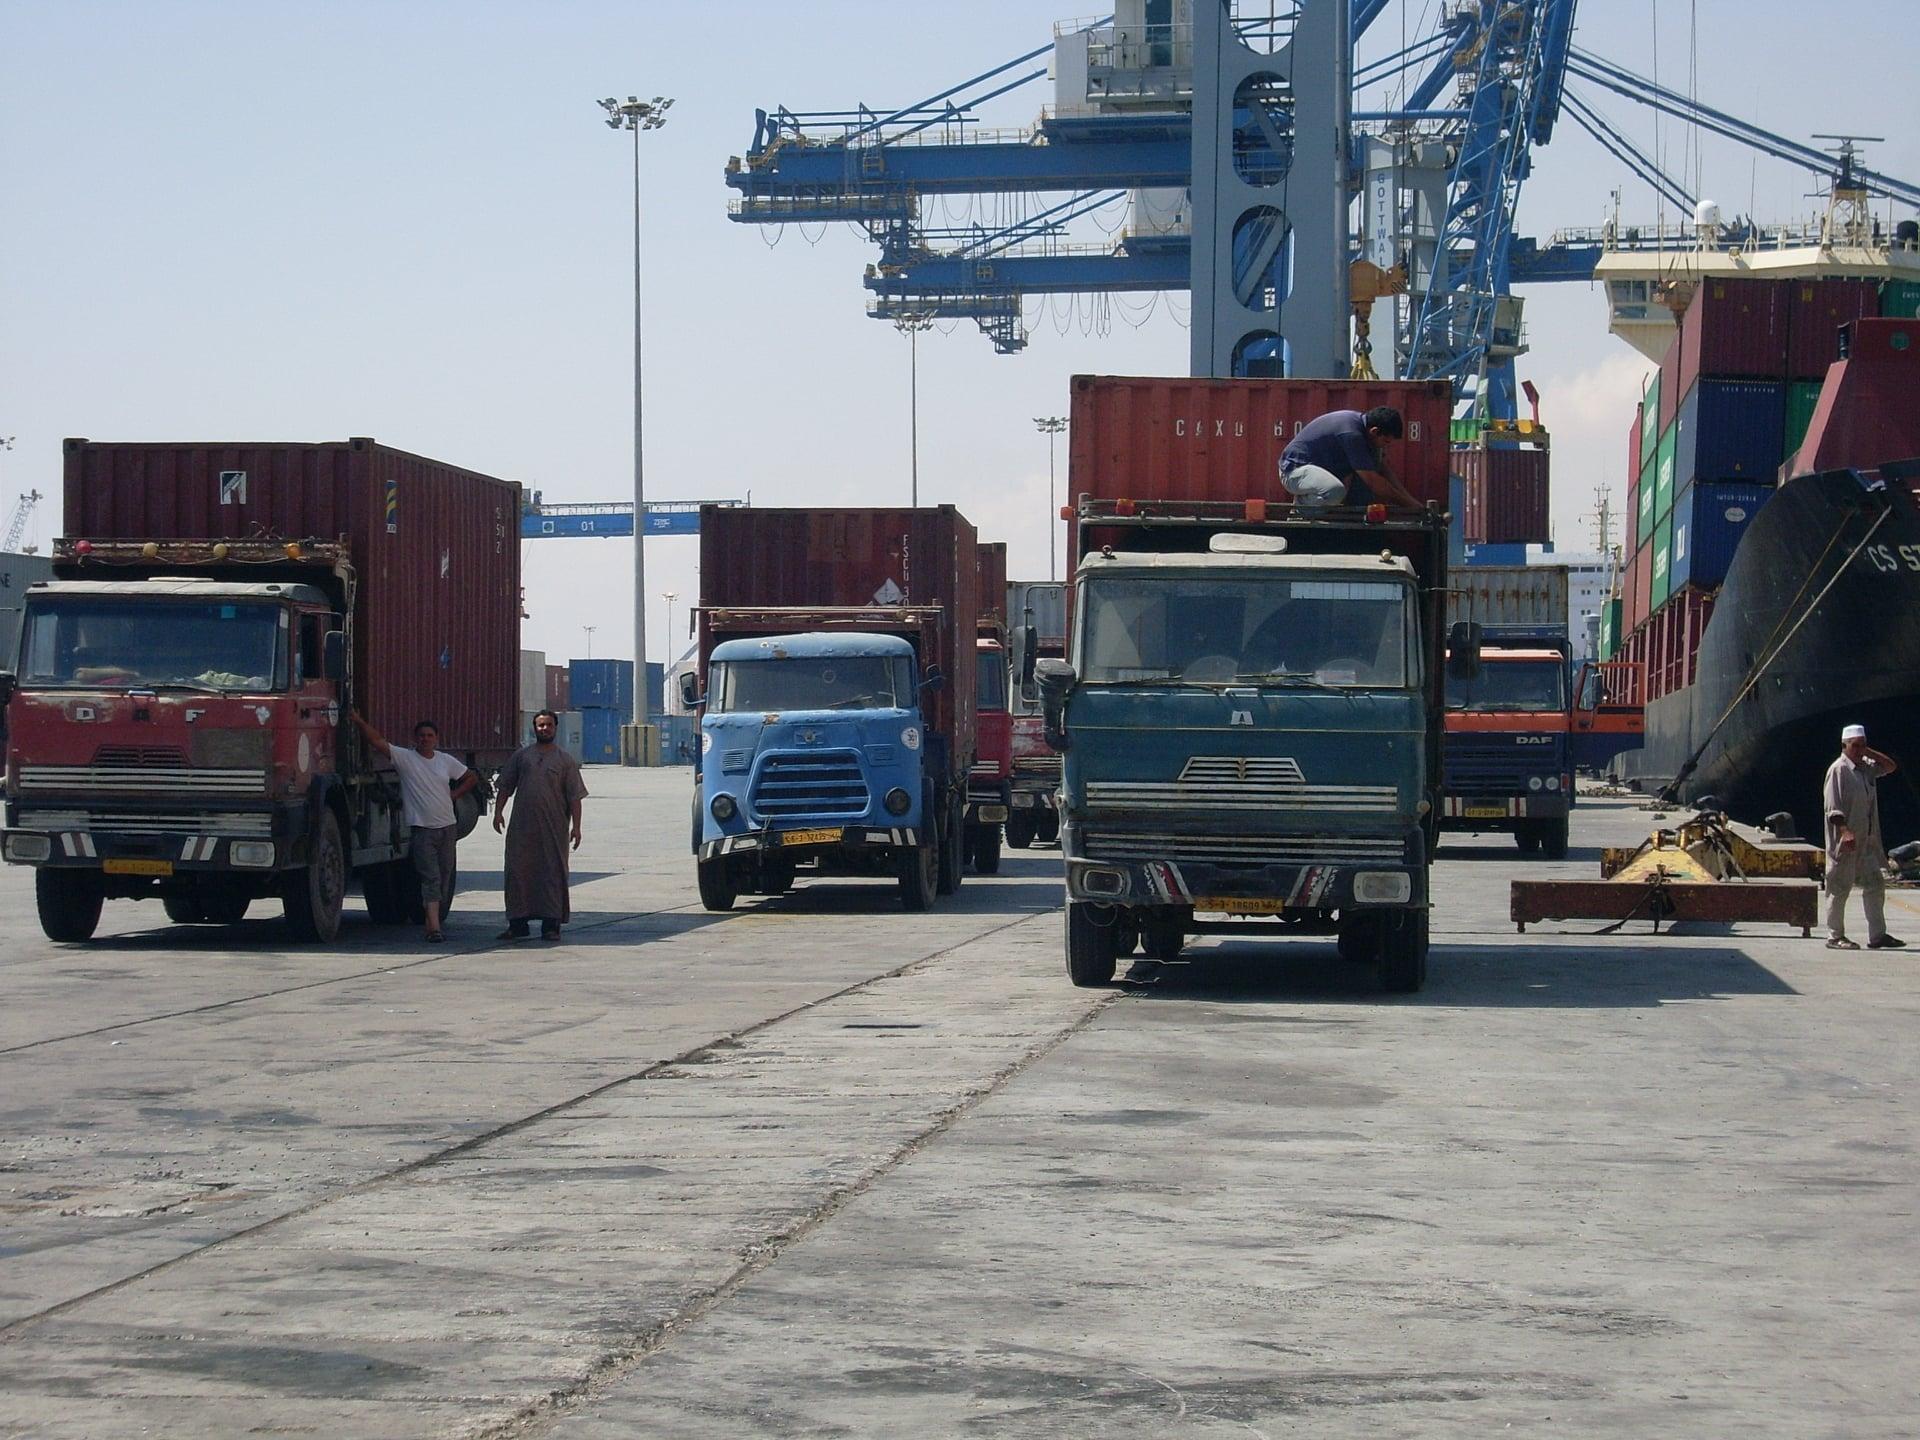 Daf-in-de-haven-van-Tripolie-2018--Ad-van-Heel-geel-archief--(10)